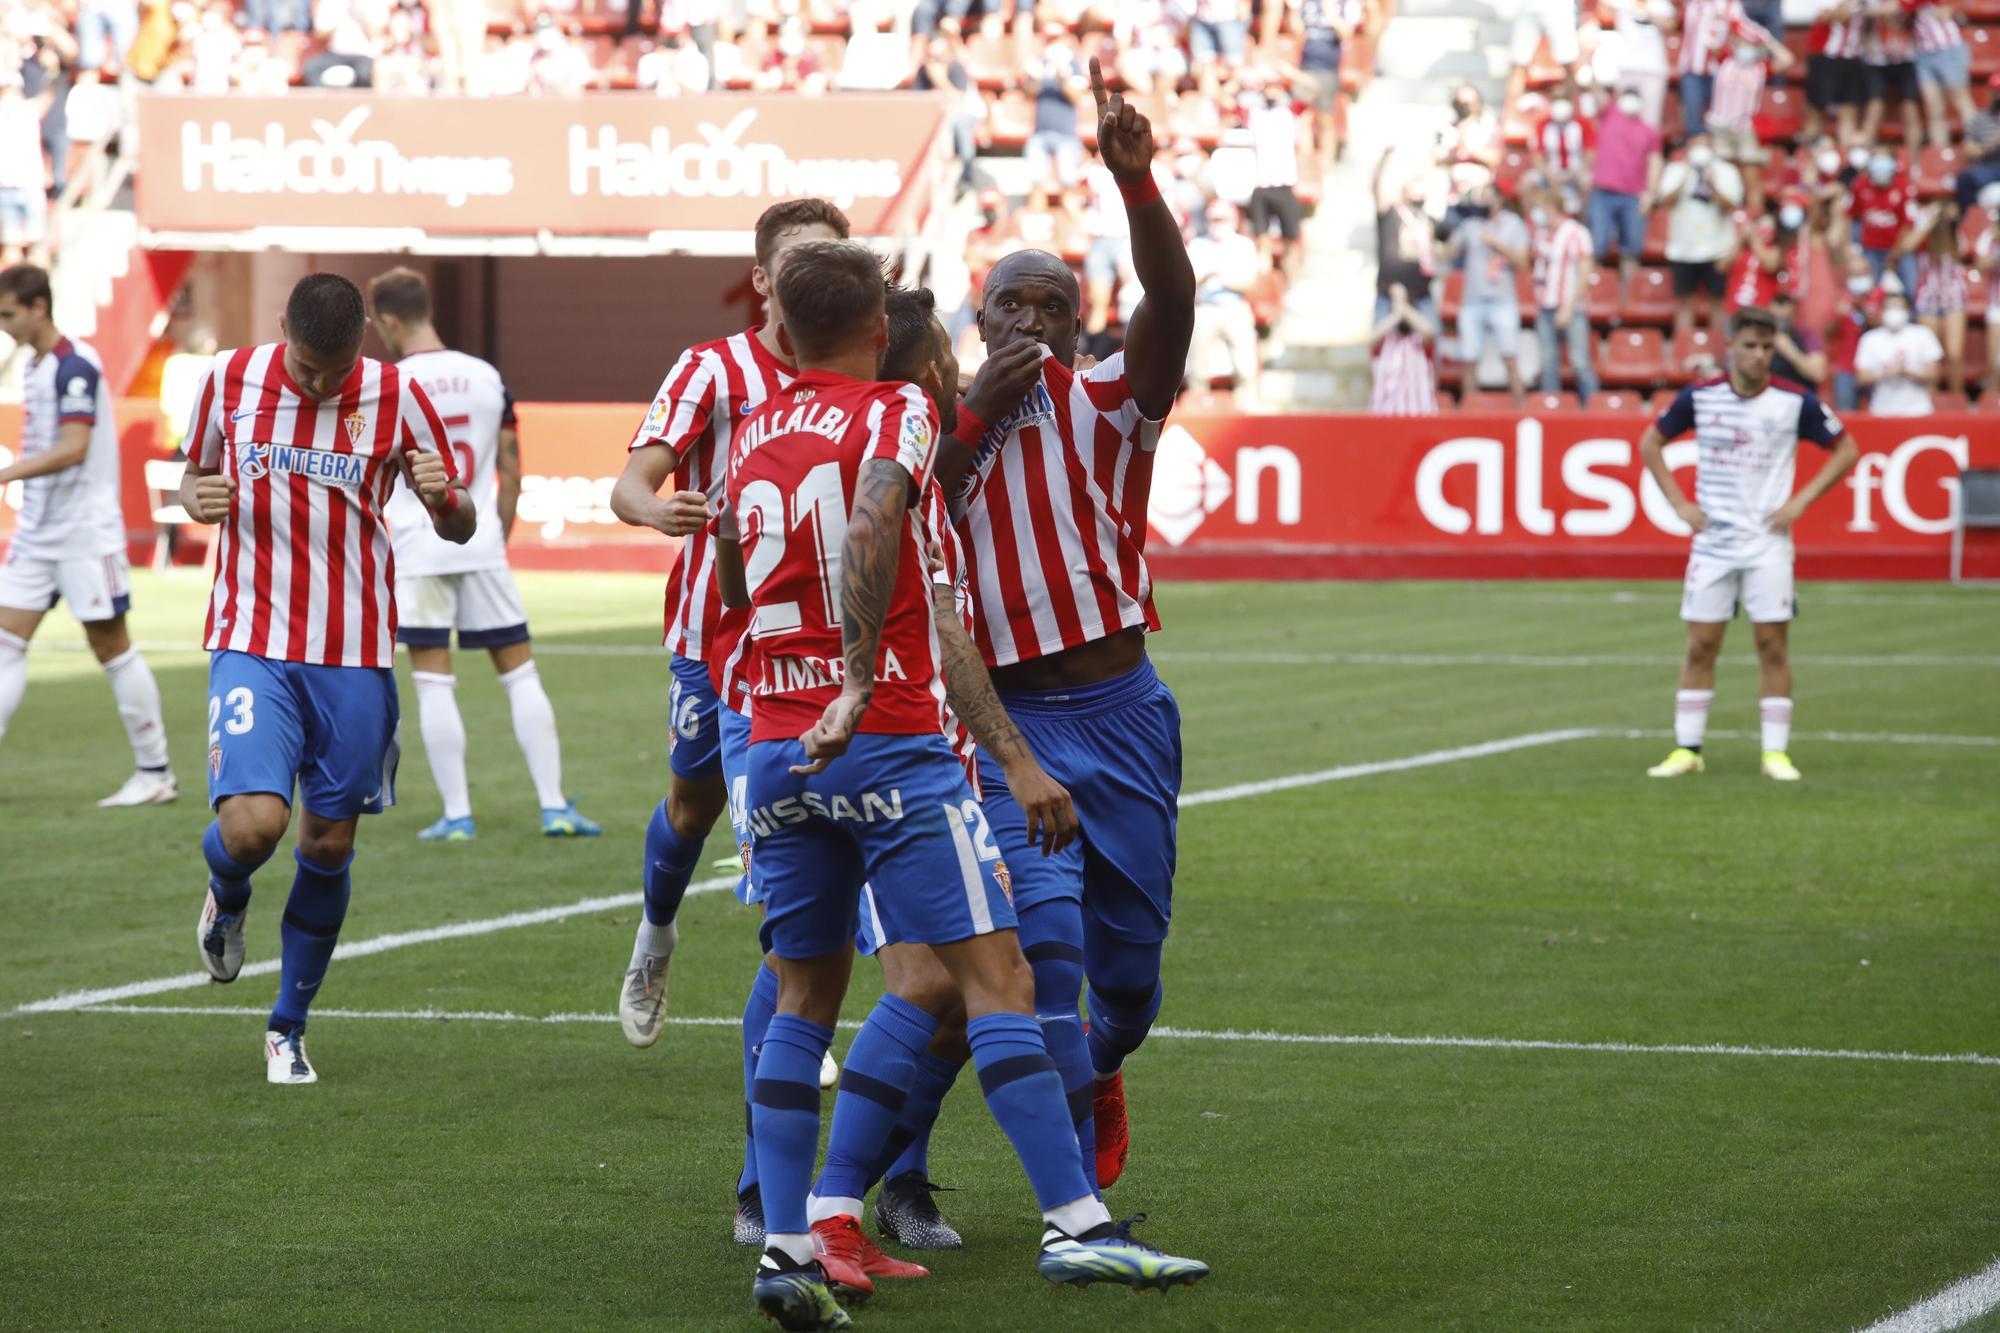 EN IMÁGENES: Las mejores fotografías del Sporting-Mirandés